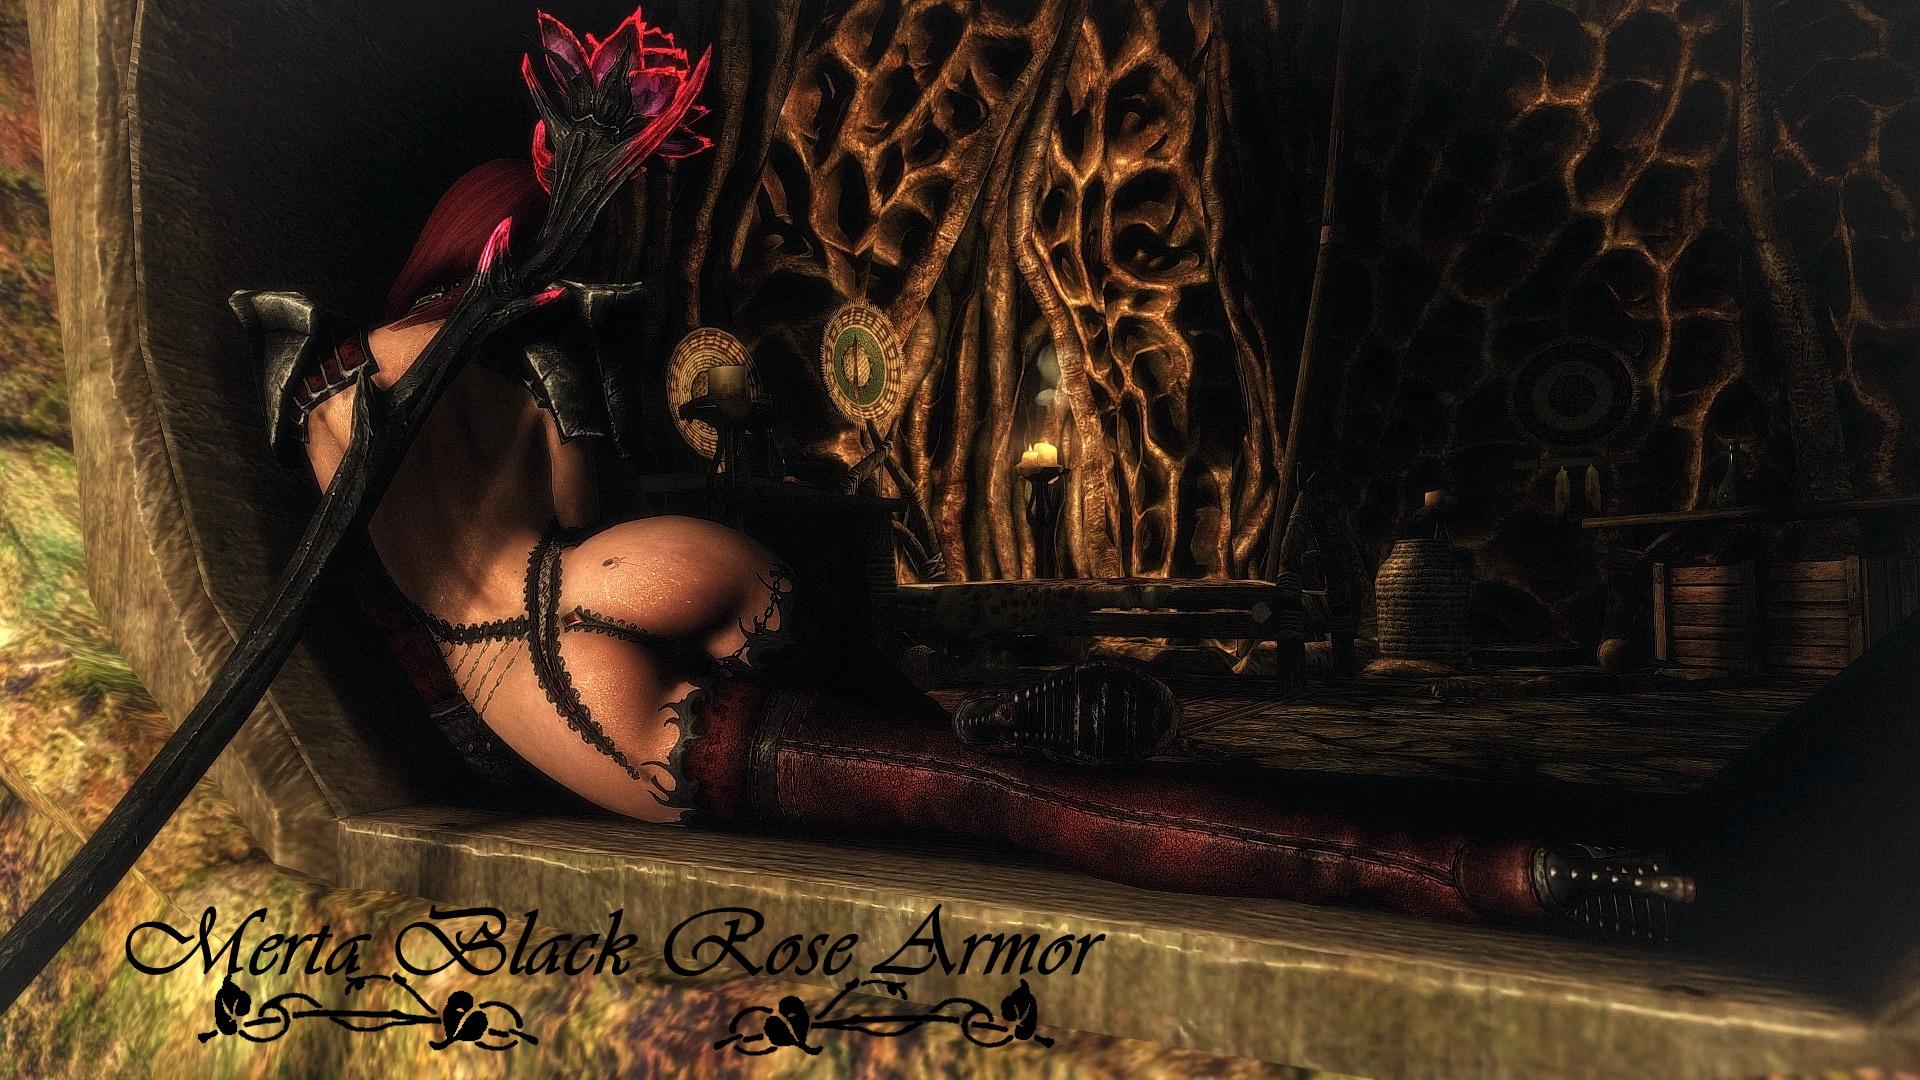 Merta_Black_Rose_Armor.jpg